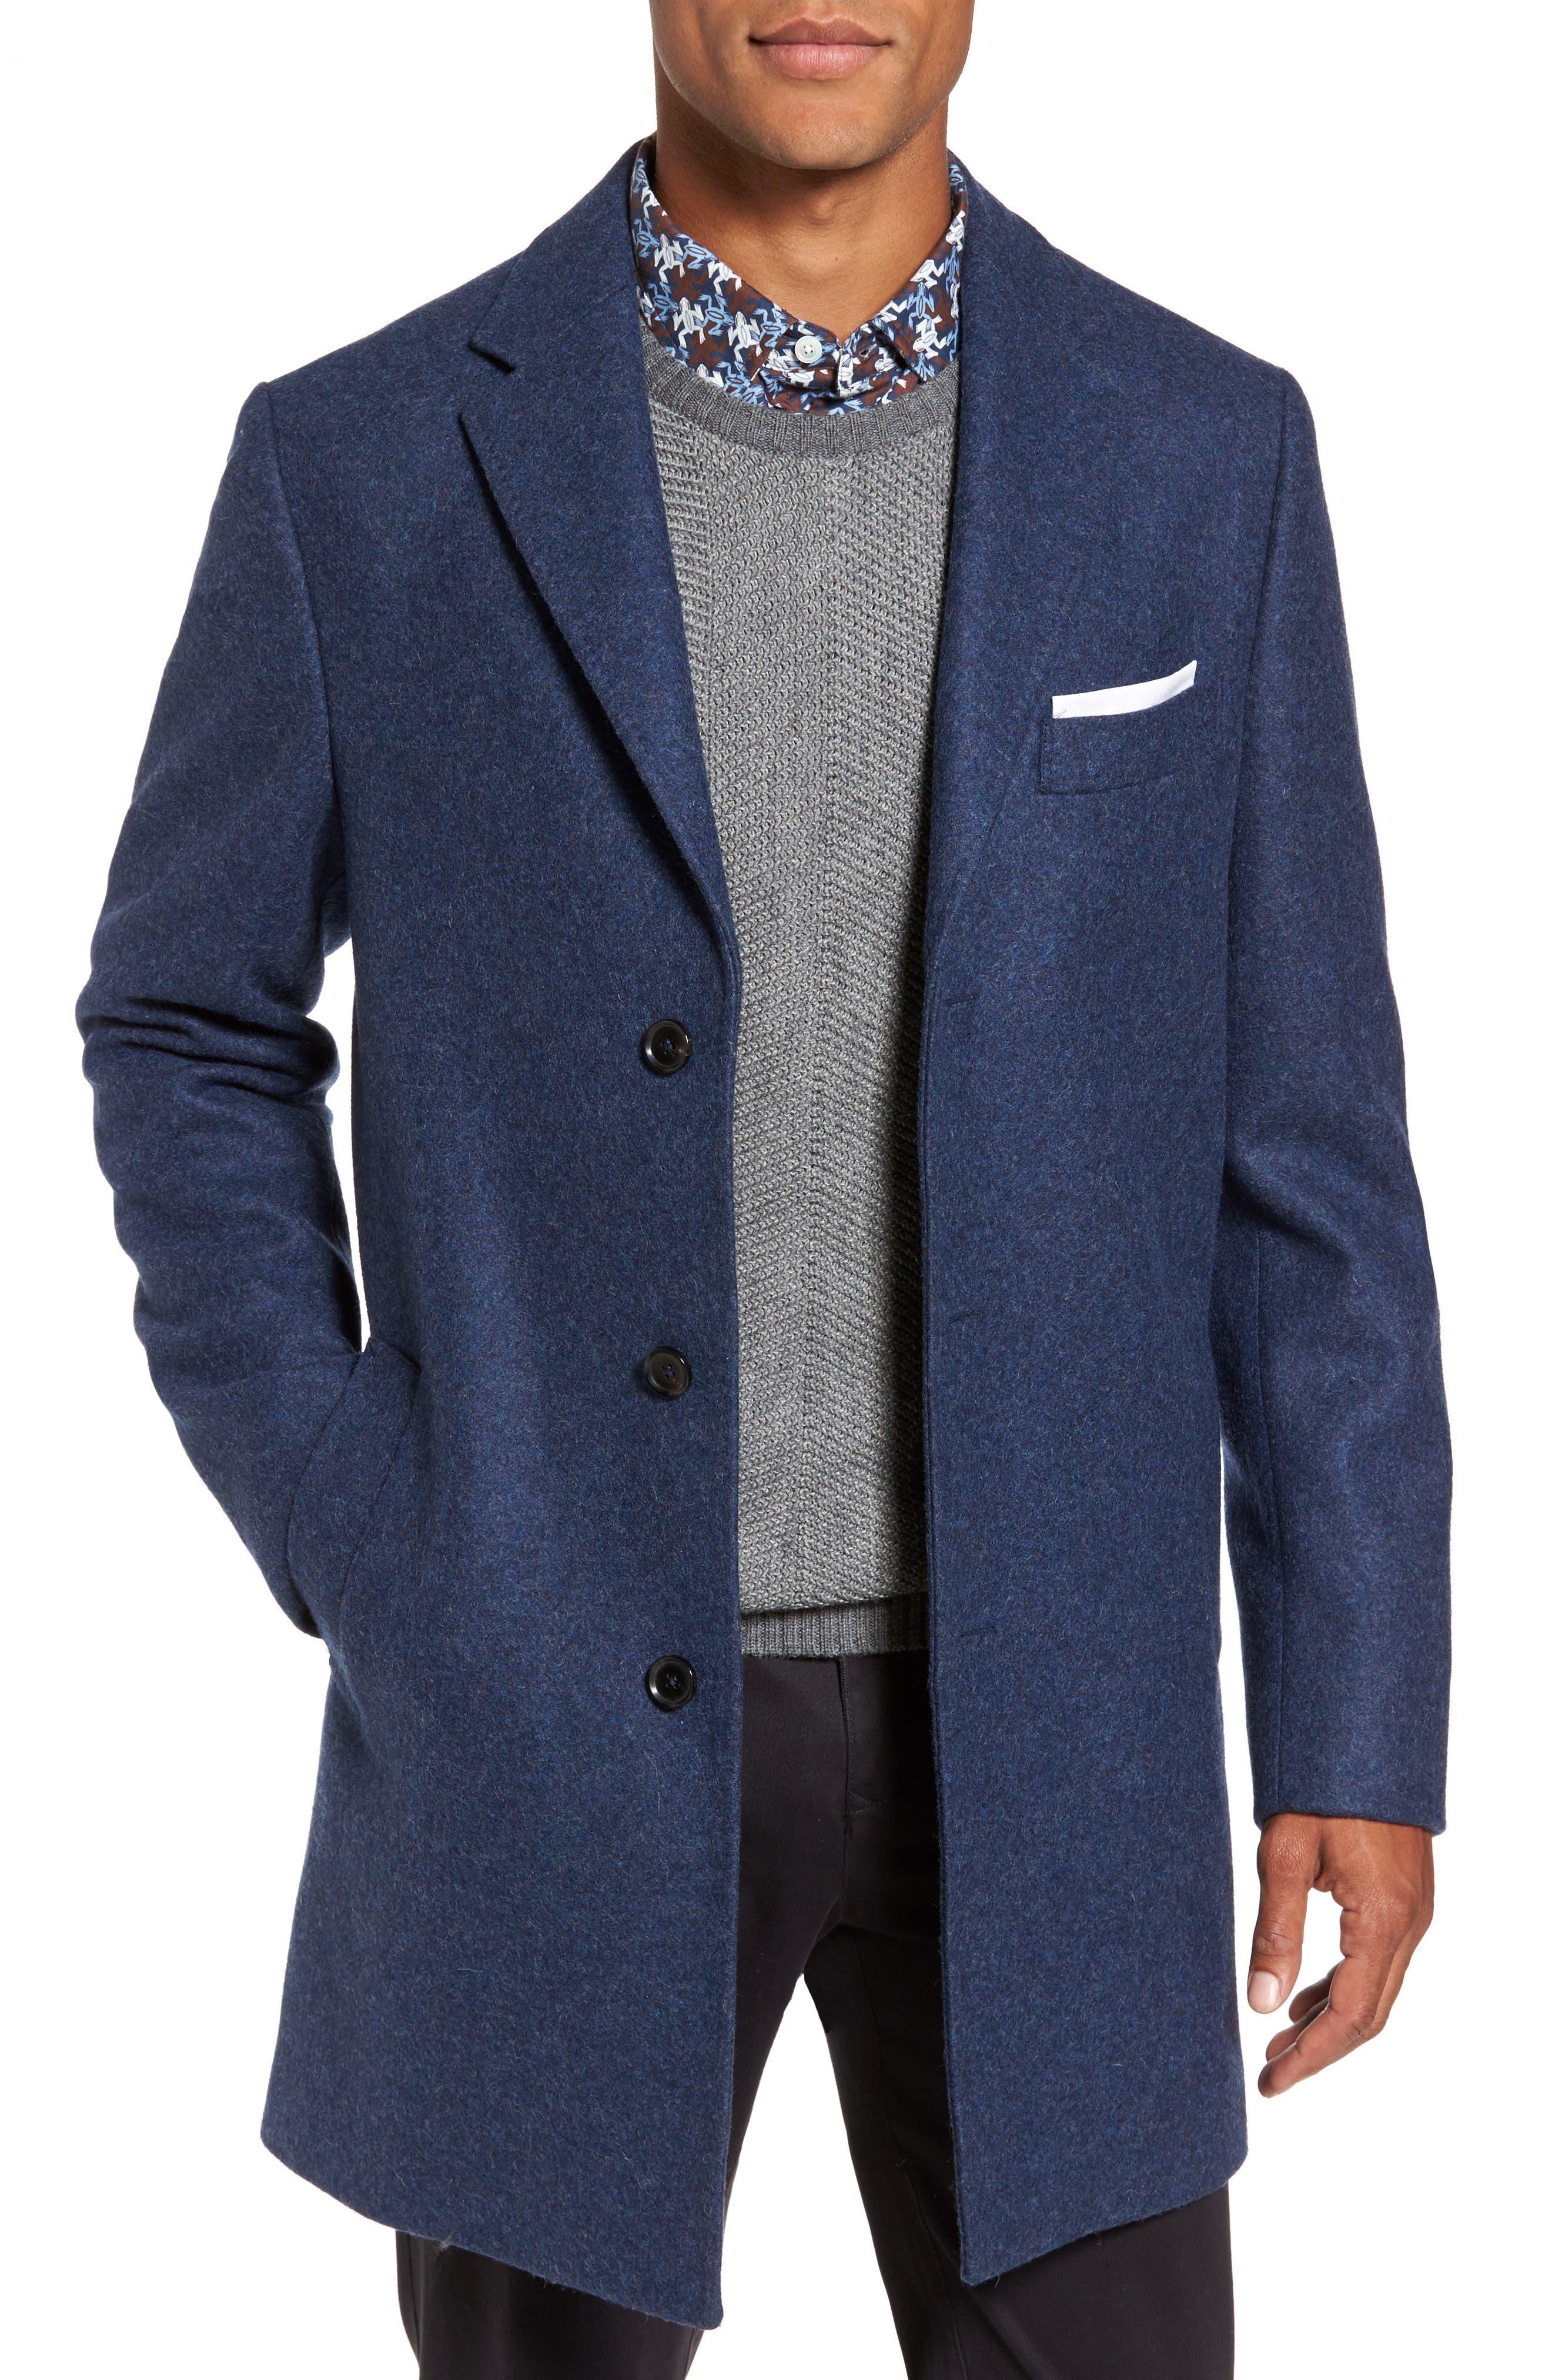 Top Coats, Overcoats & Trench Coats for Men | Nordstrom | Nordstrom